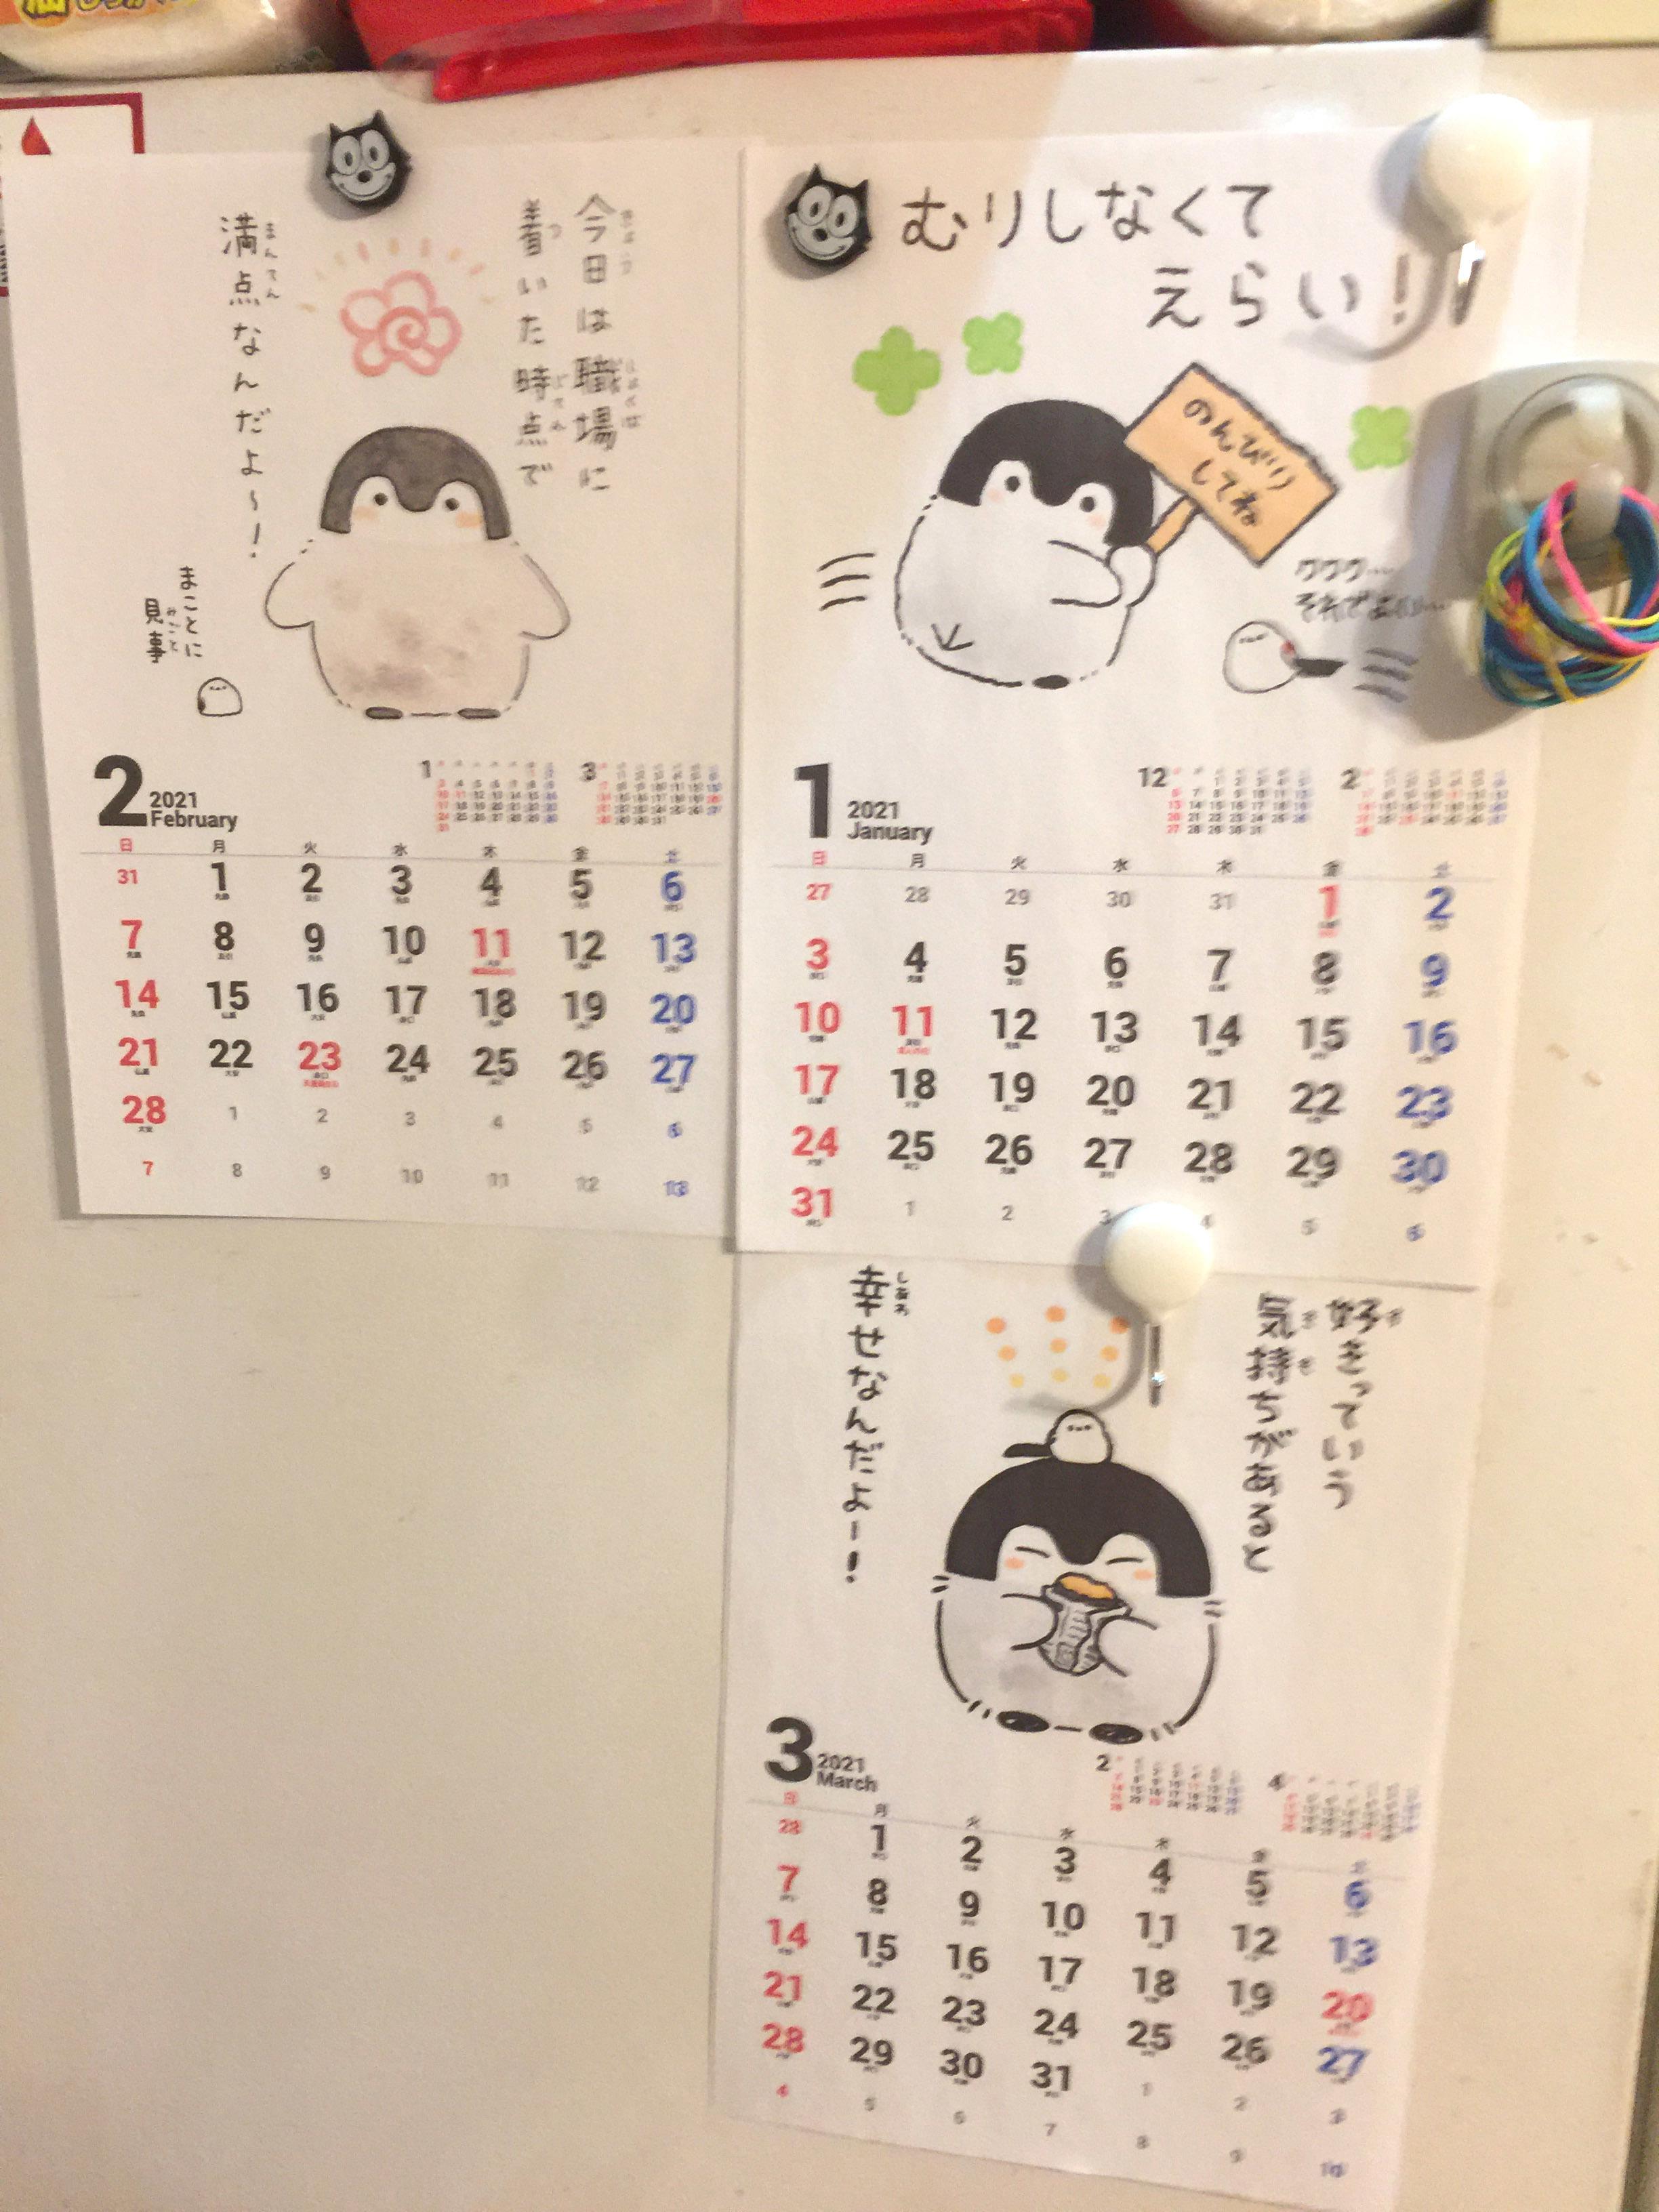 コウペンちゃんカレンダー